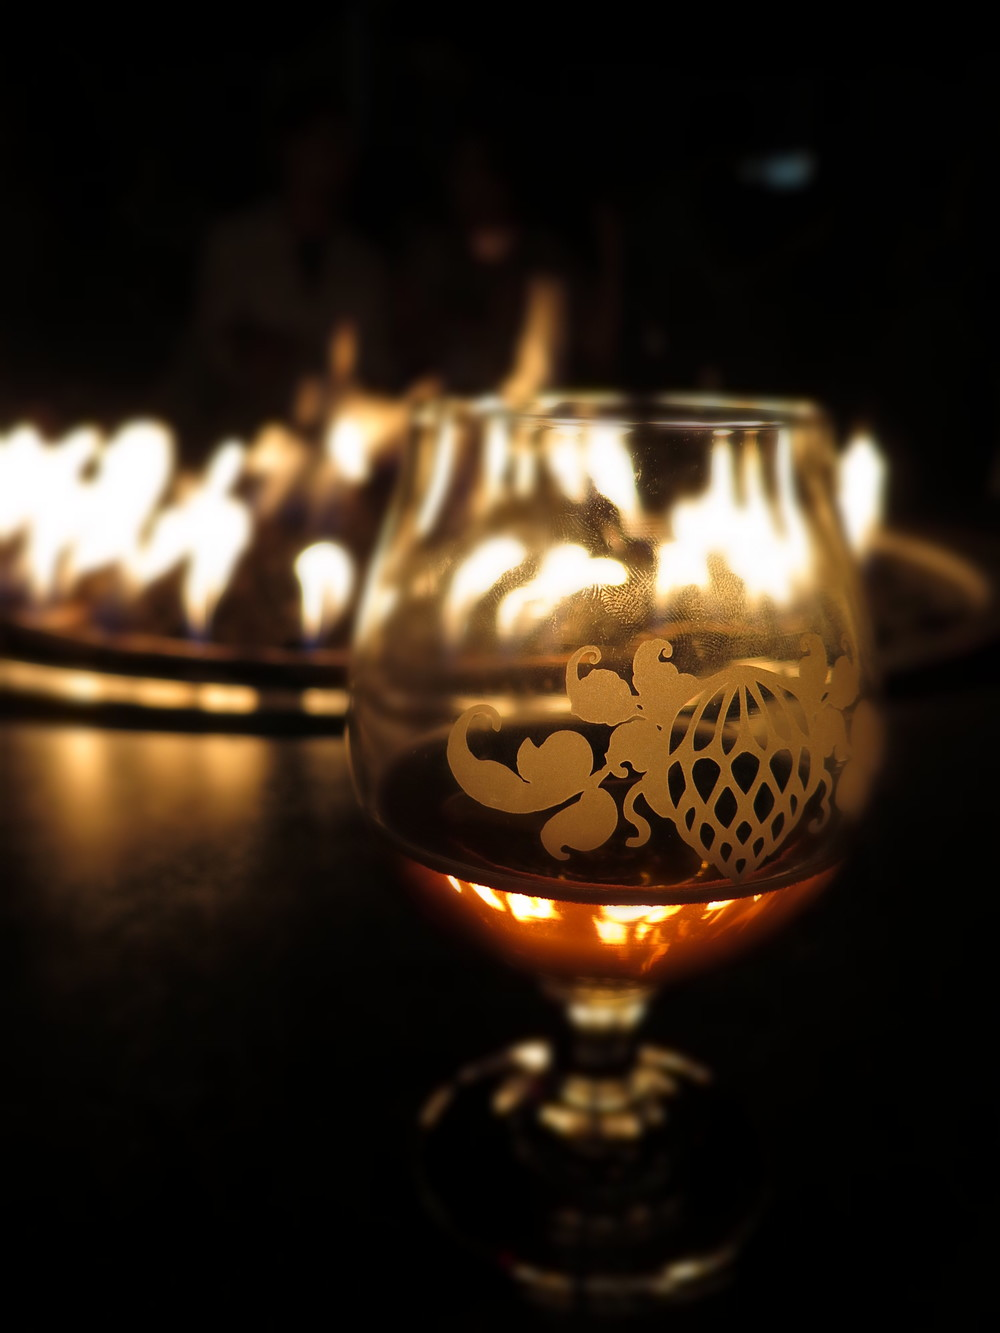 Asheville Beer